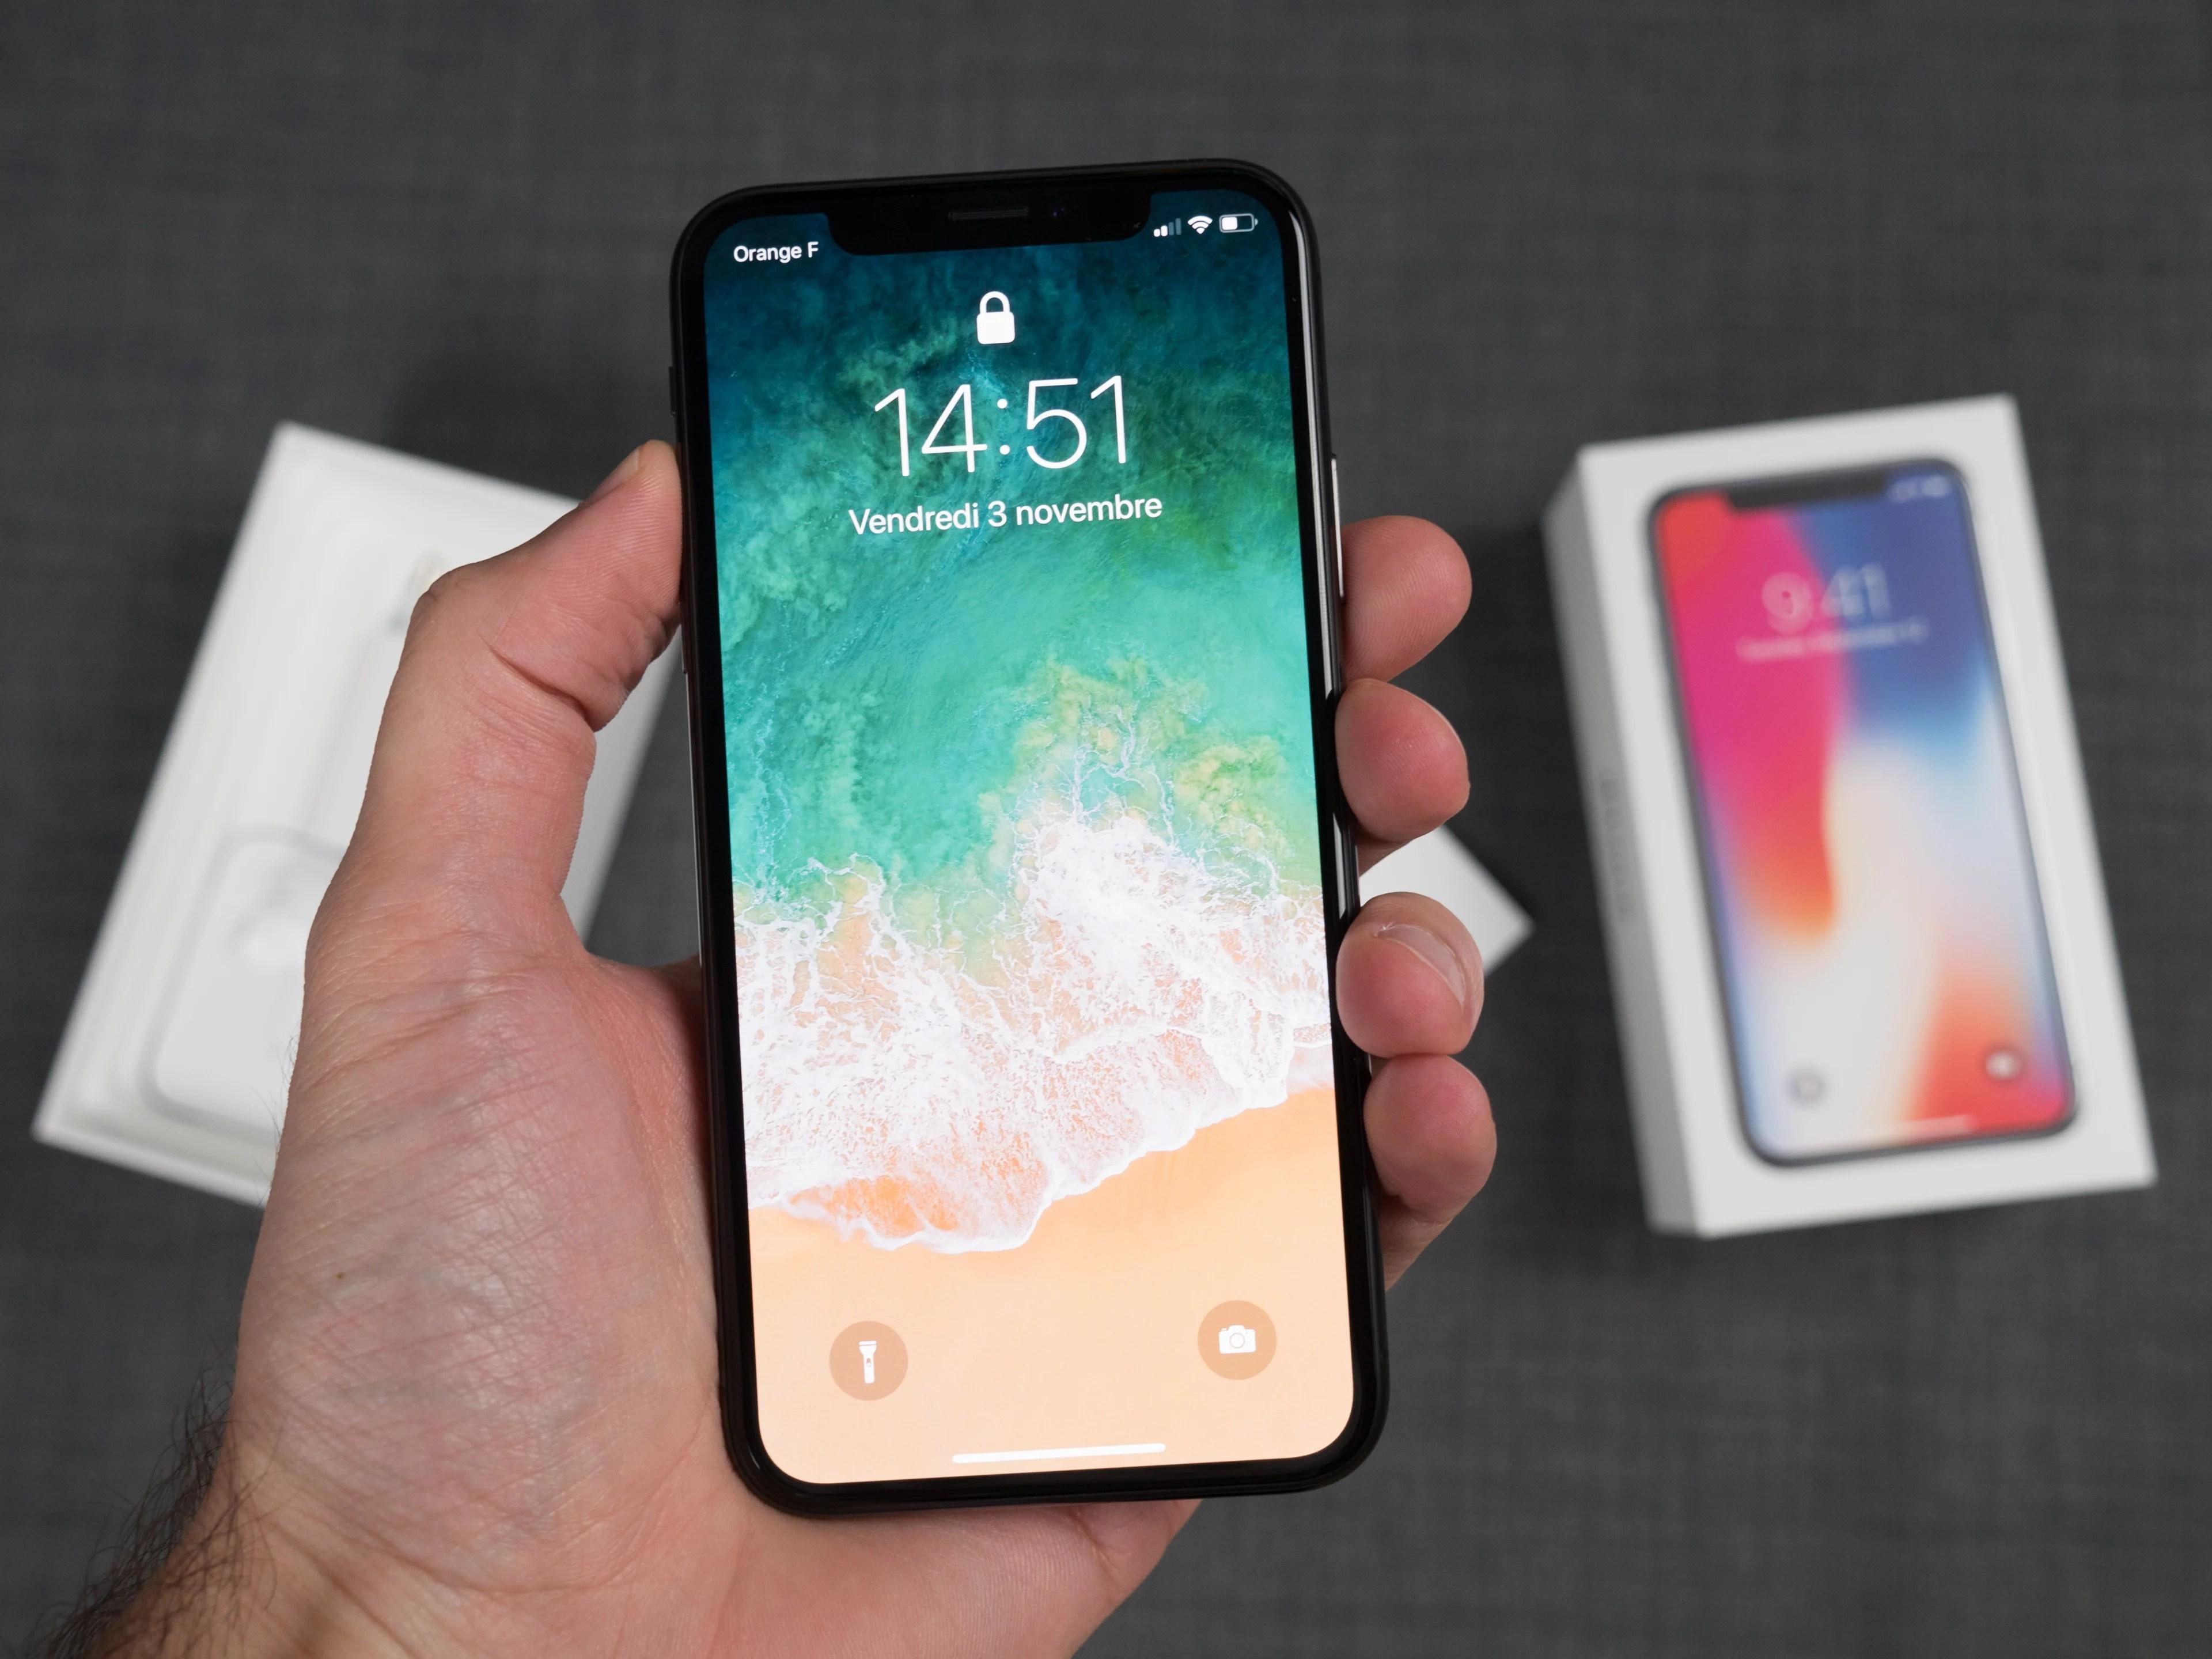 🔥 Concours : 10 iPhone X à gagner sur la Boutique de La Poste jusqu'au 21 mars